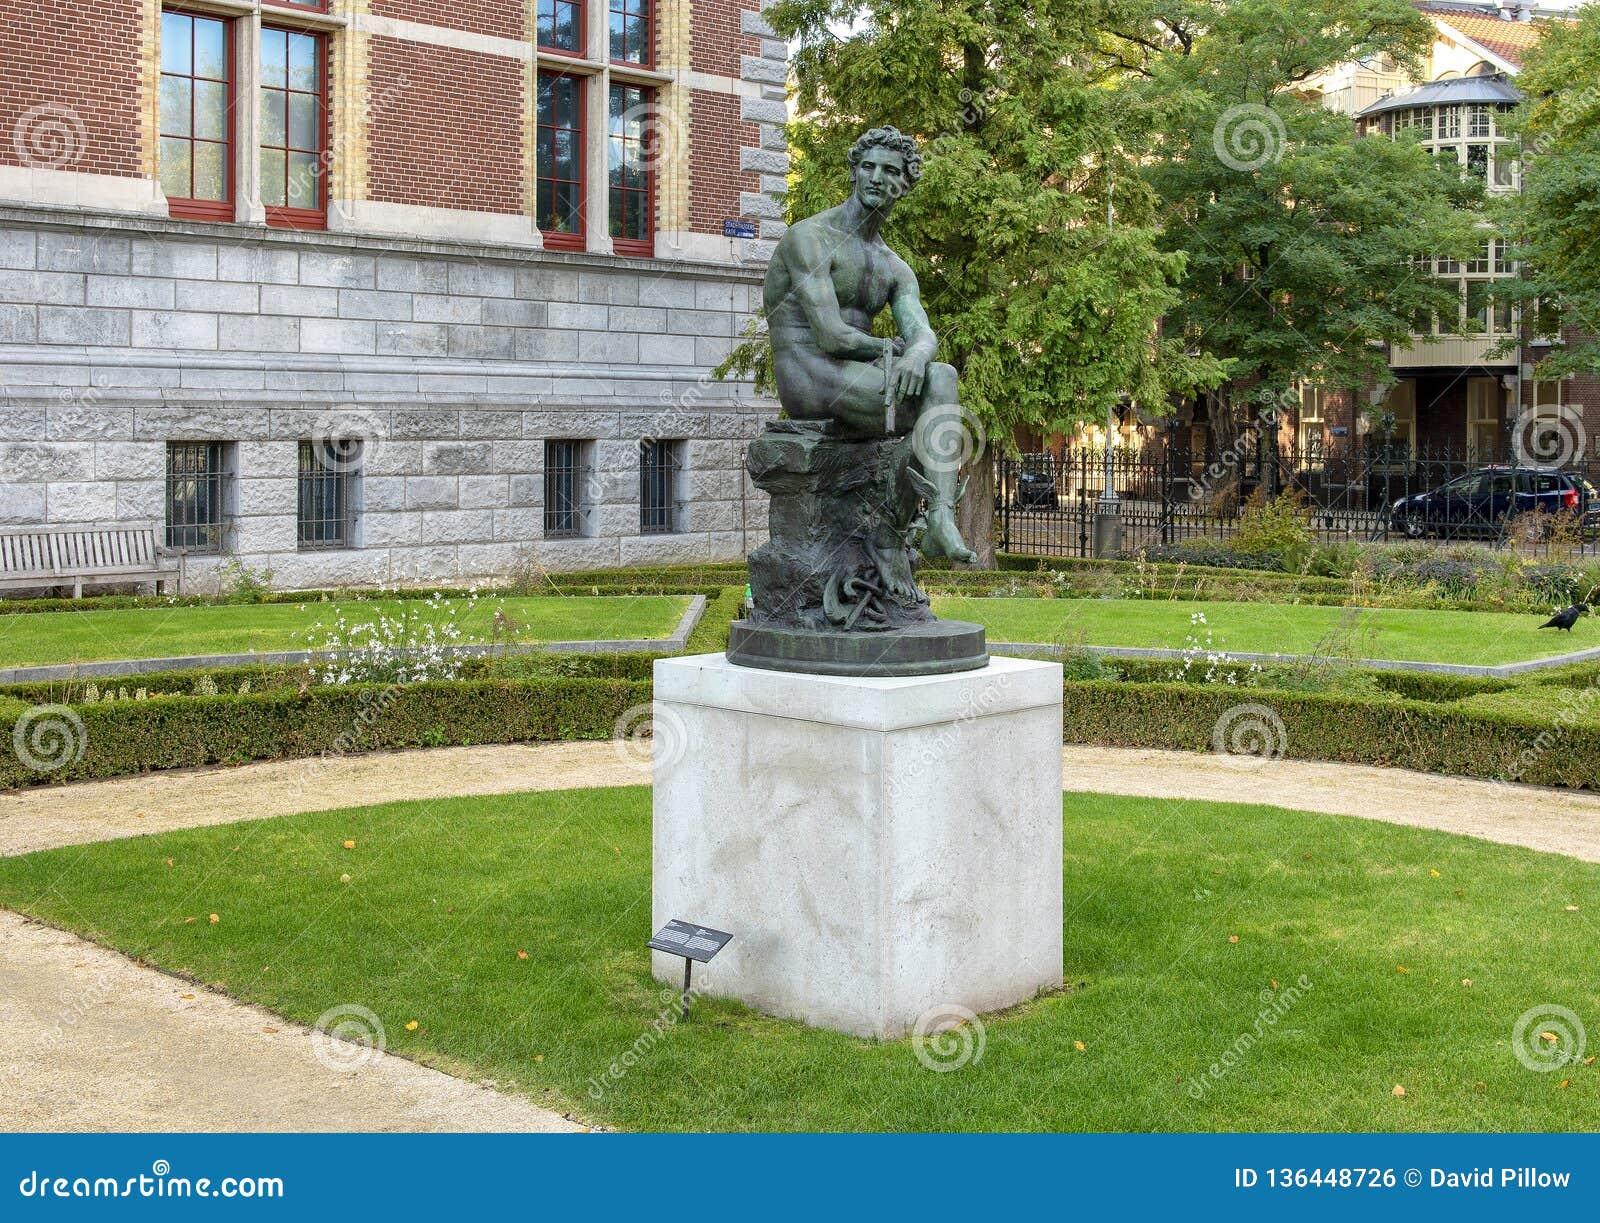 Estatua de bronce de Mercury, Rijksmuseum, Amsterdam, Países Bajos